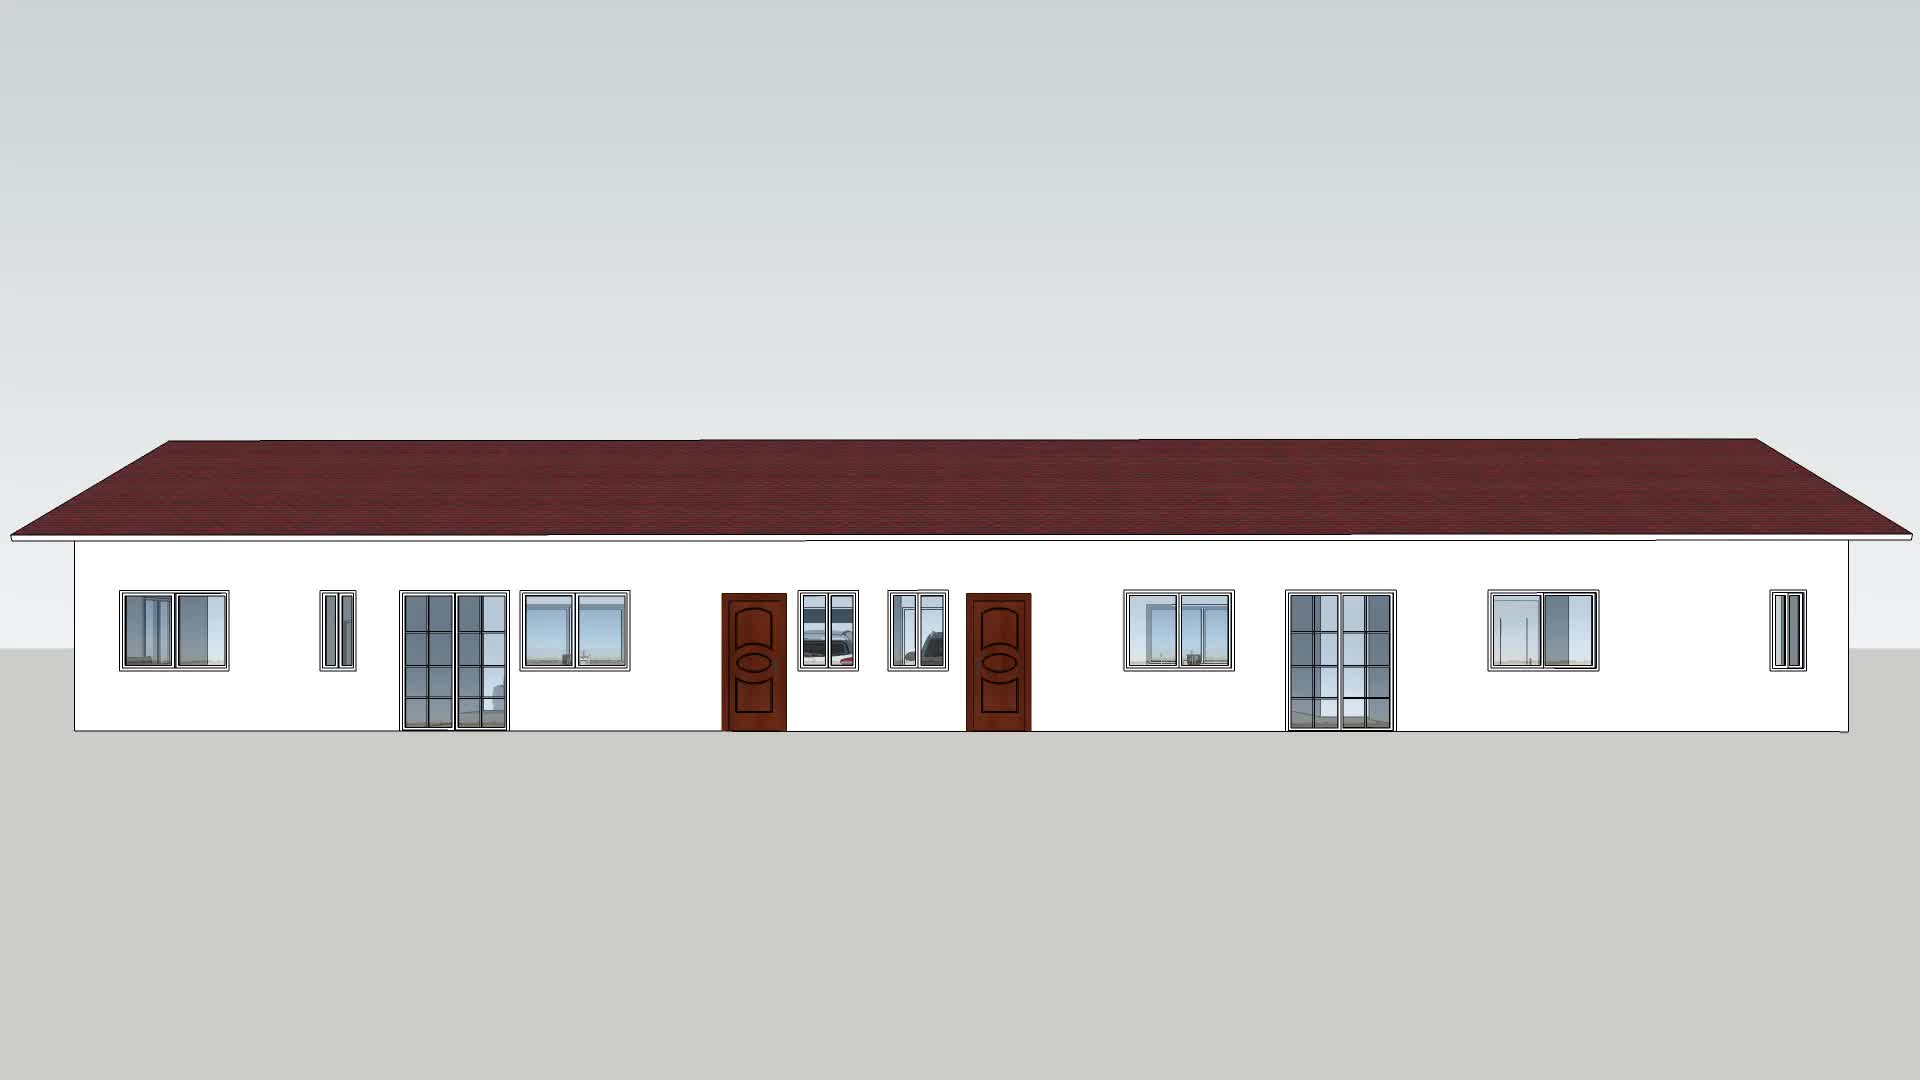 يو بي إس مشروع منزلي 2020 منازل جديدة قبل بناء فاب سريع الجاهزة الاسمنت تجميع الحديثة بأسعار معقولة الإسكان